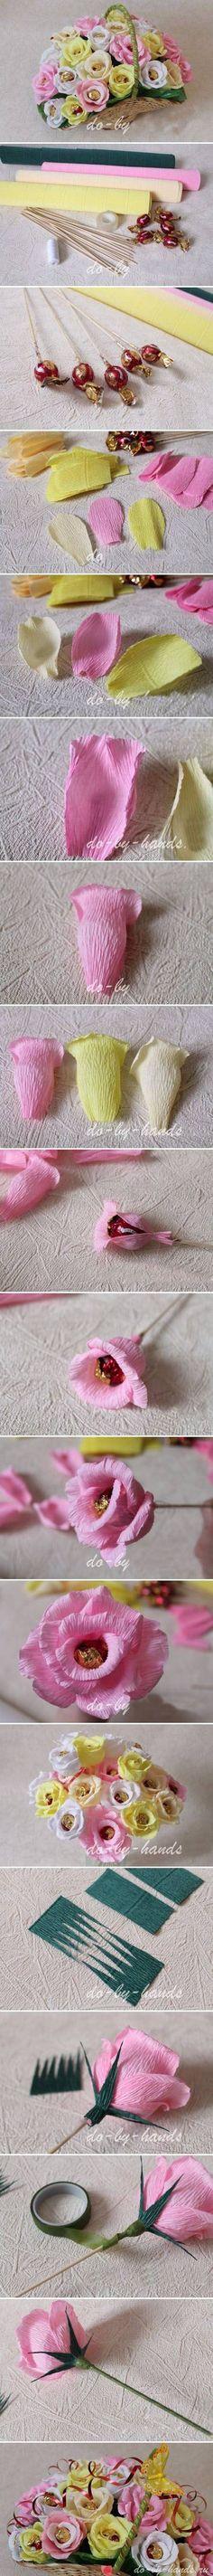 Remplacer les sucettes par de simples petites boules blanches jaunes ou roses plantées sur des cures dents ou bâtons à brochettes pour faire le cœur et la tige que l'on peut peindre: